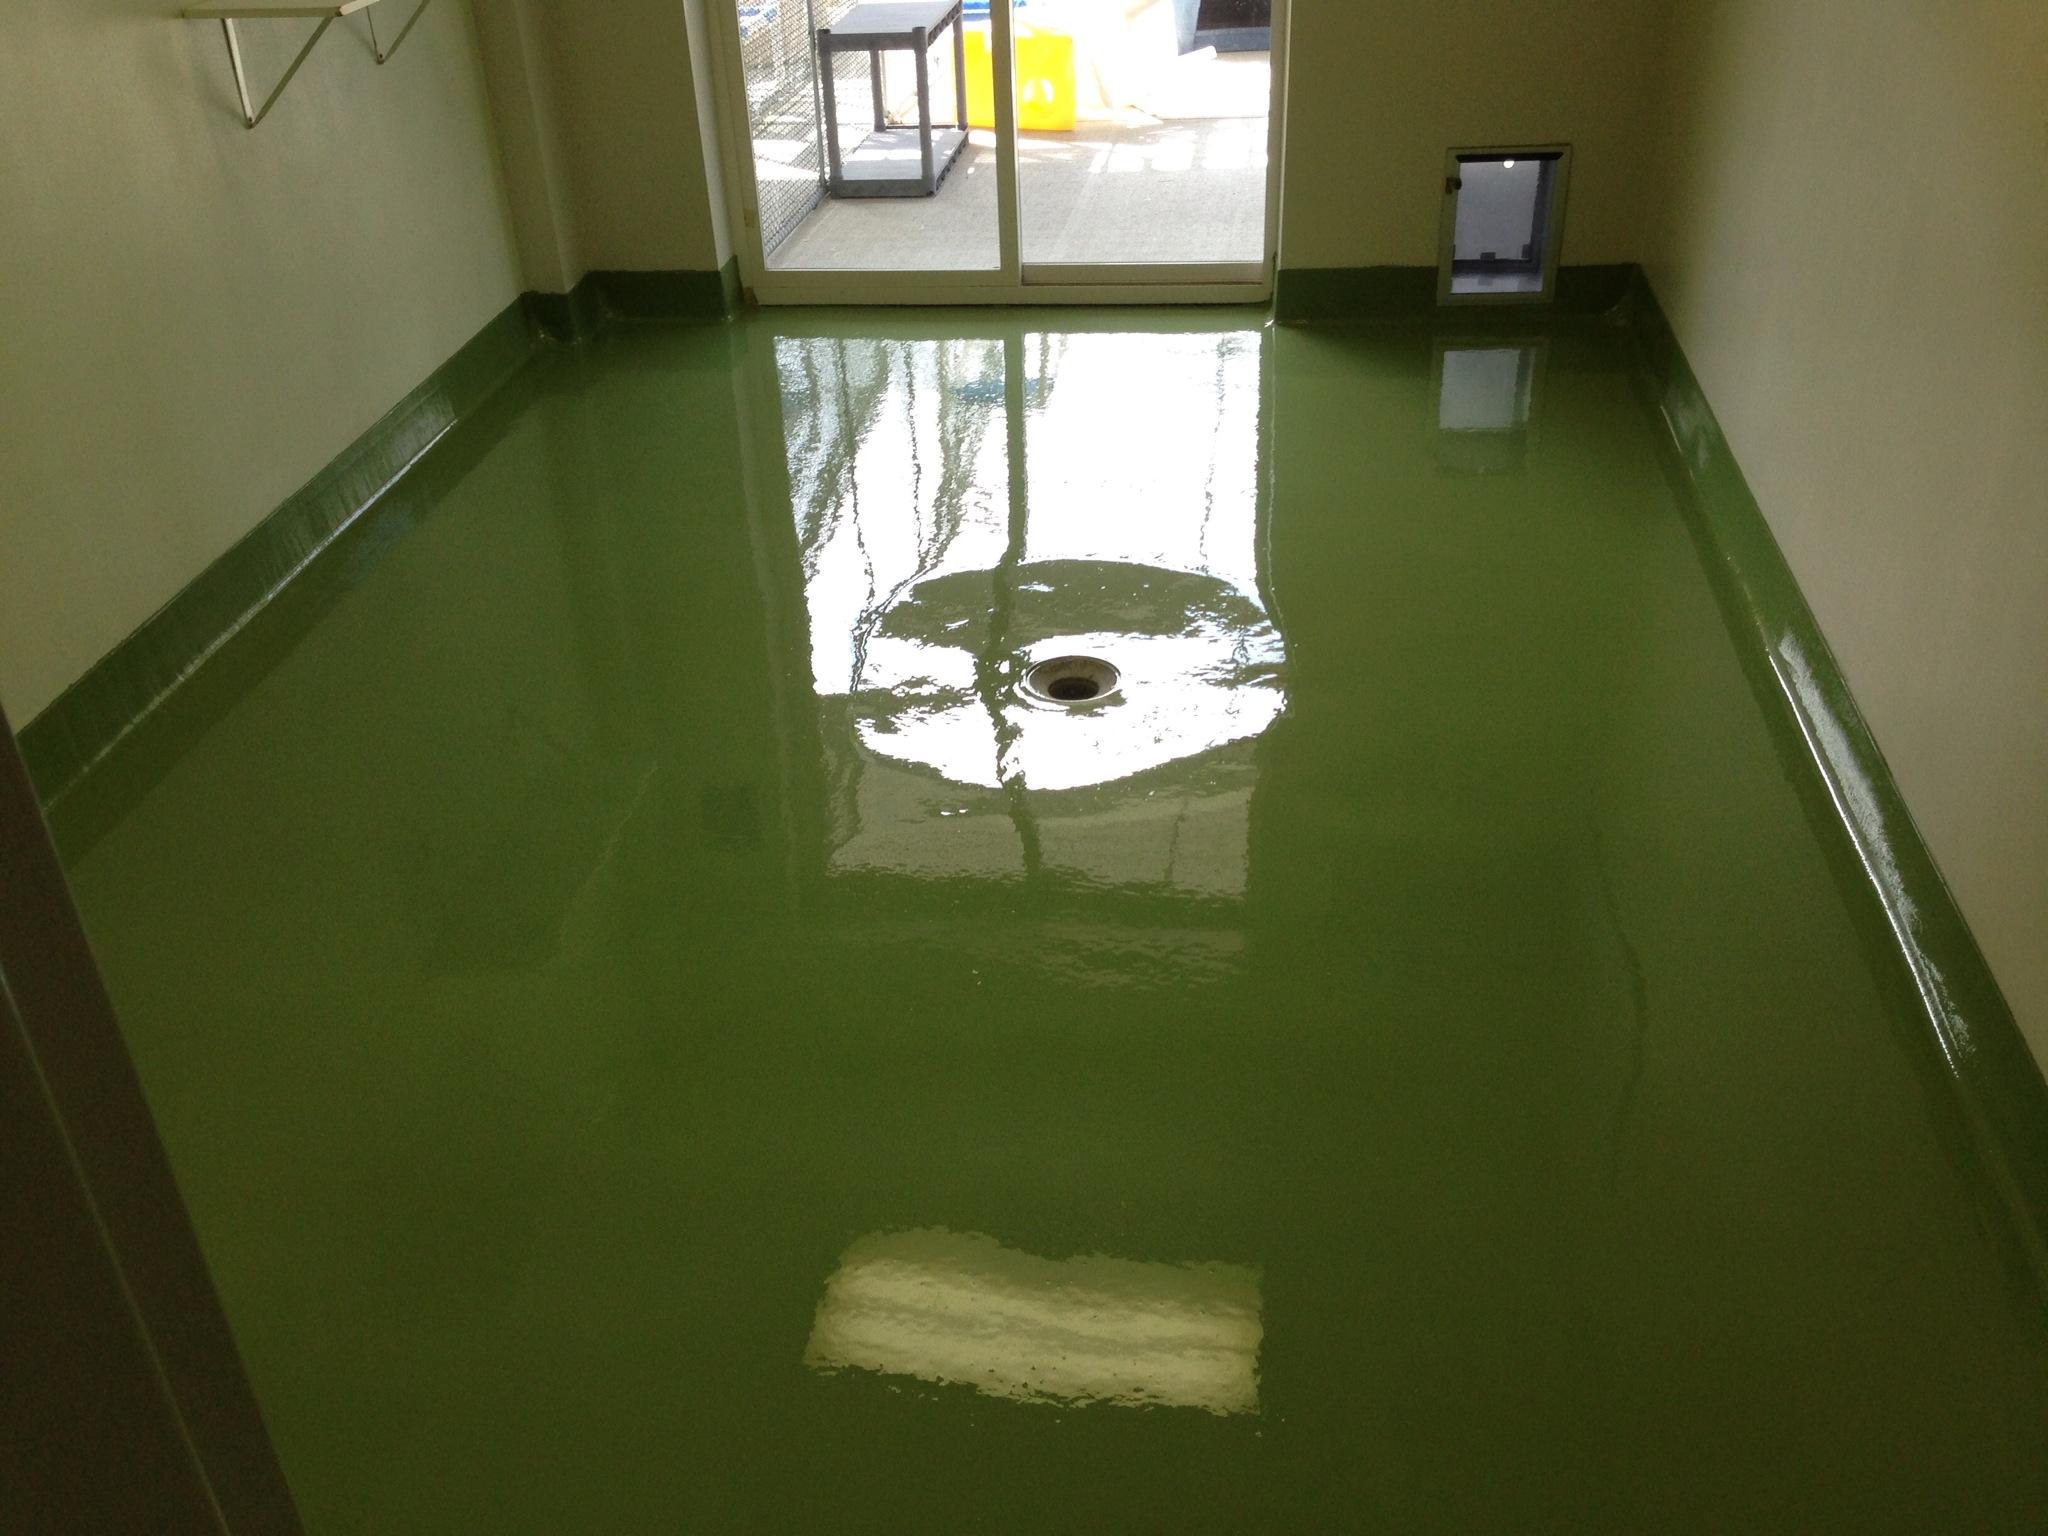 Resinous Flooring Installed at Animal